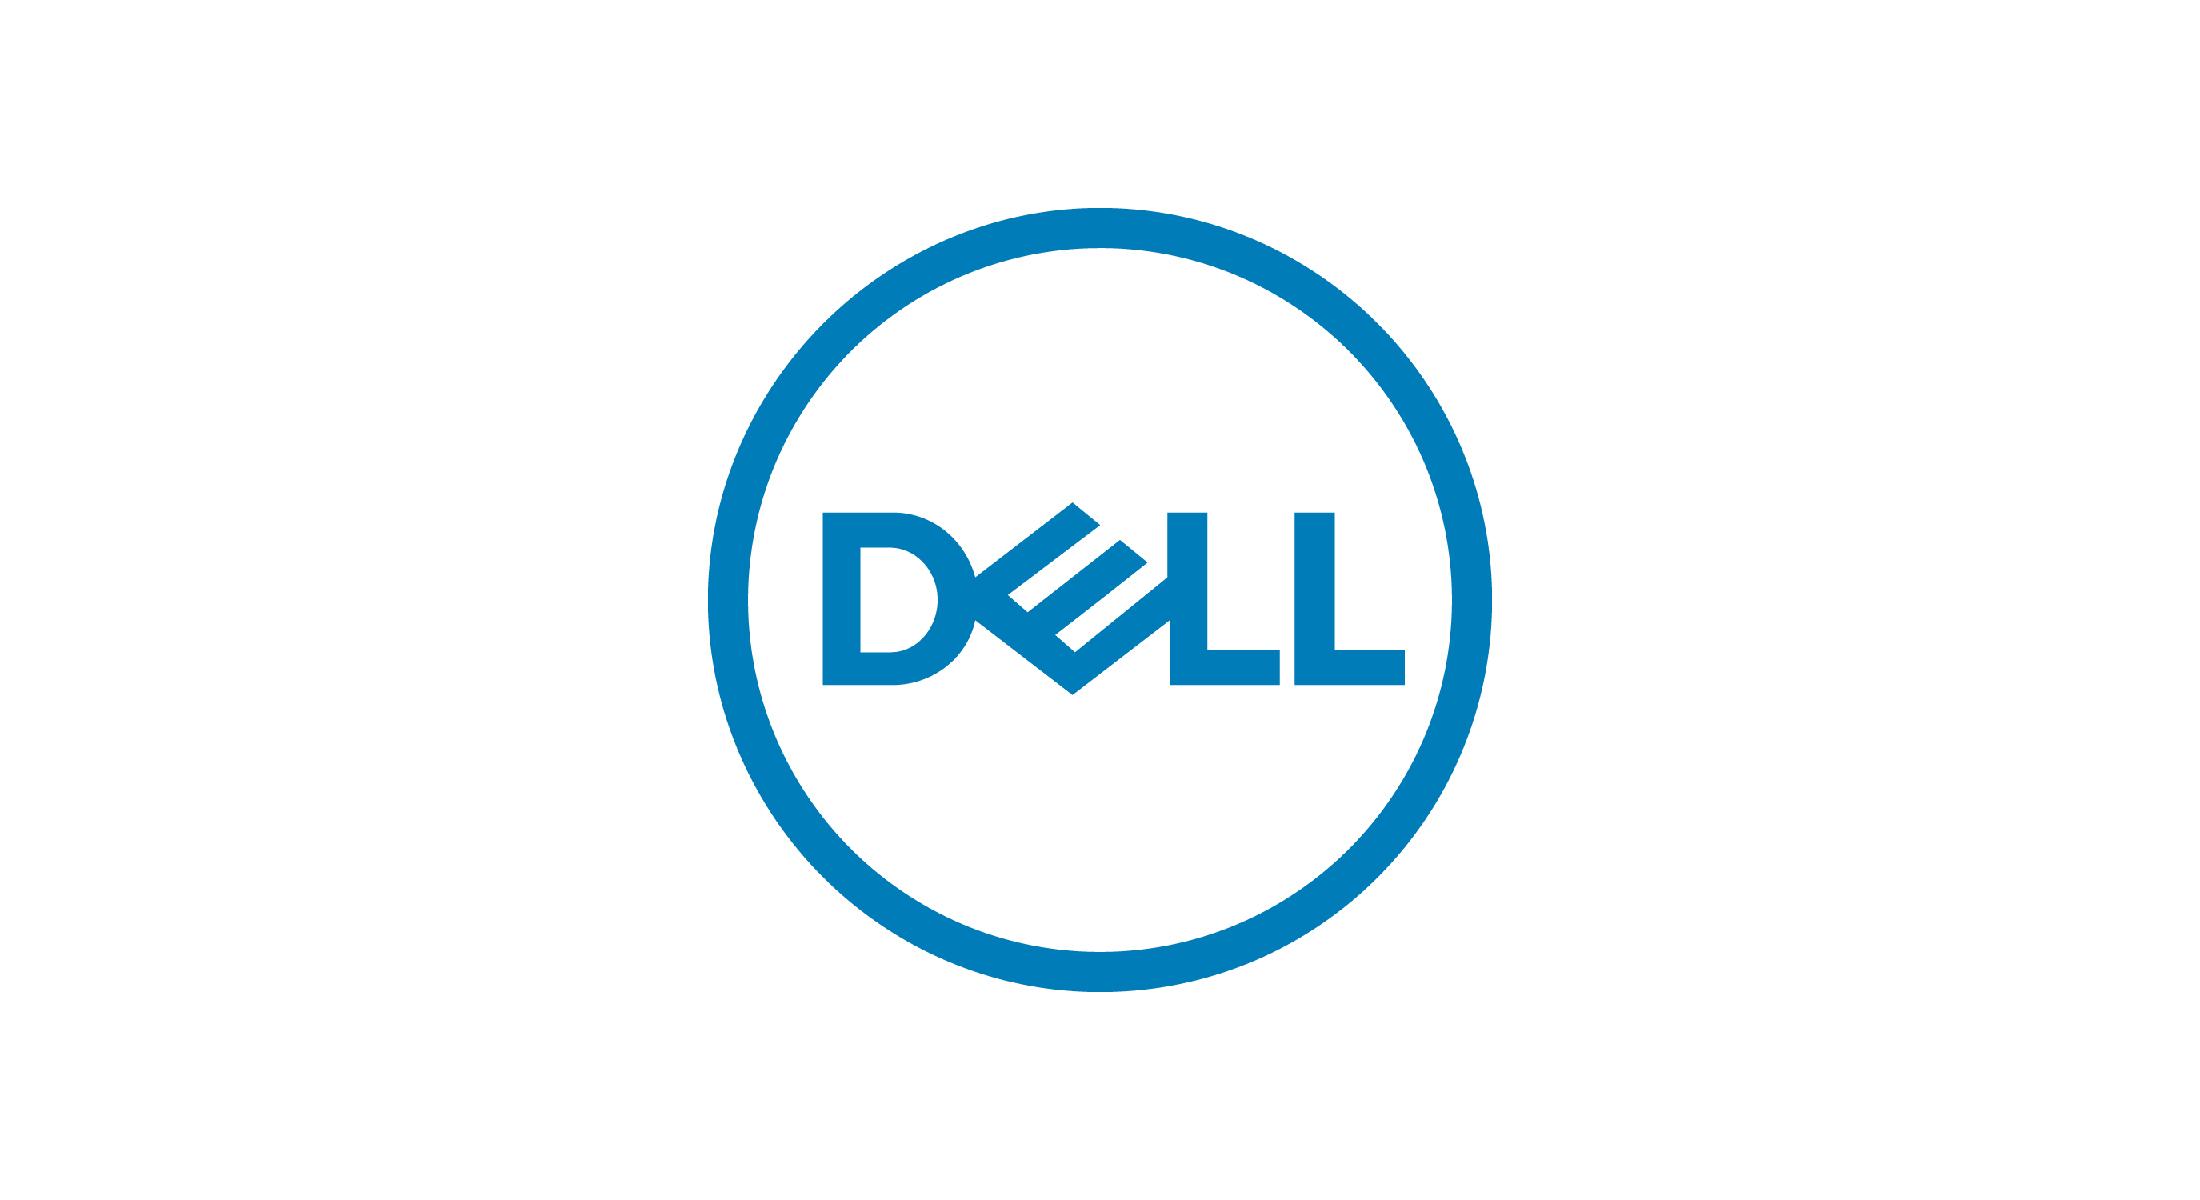 Dell.jpg